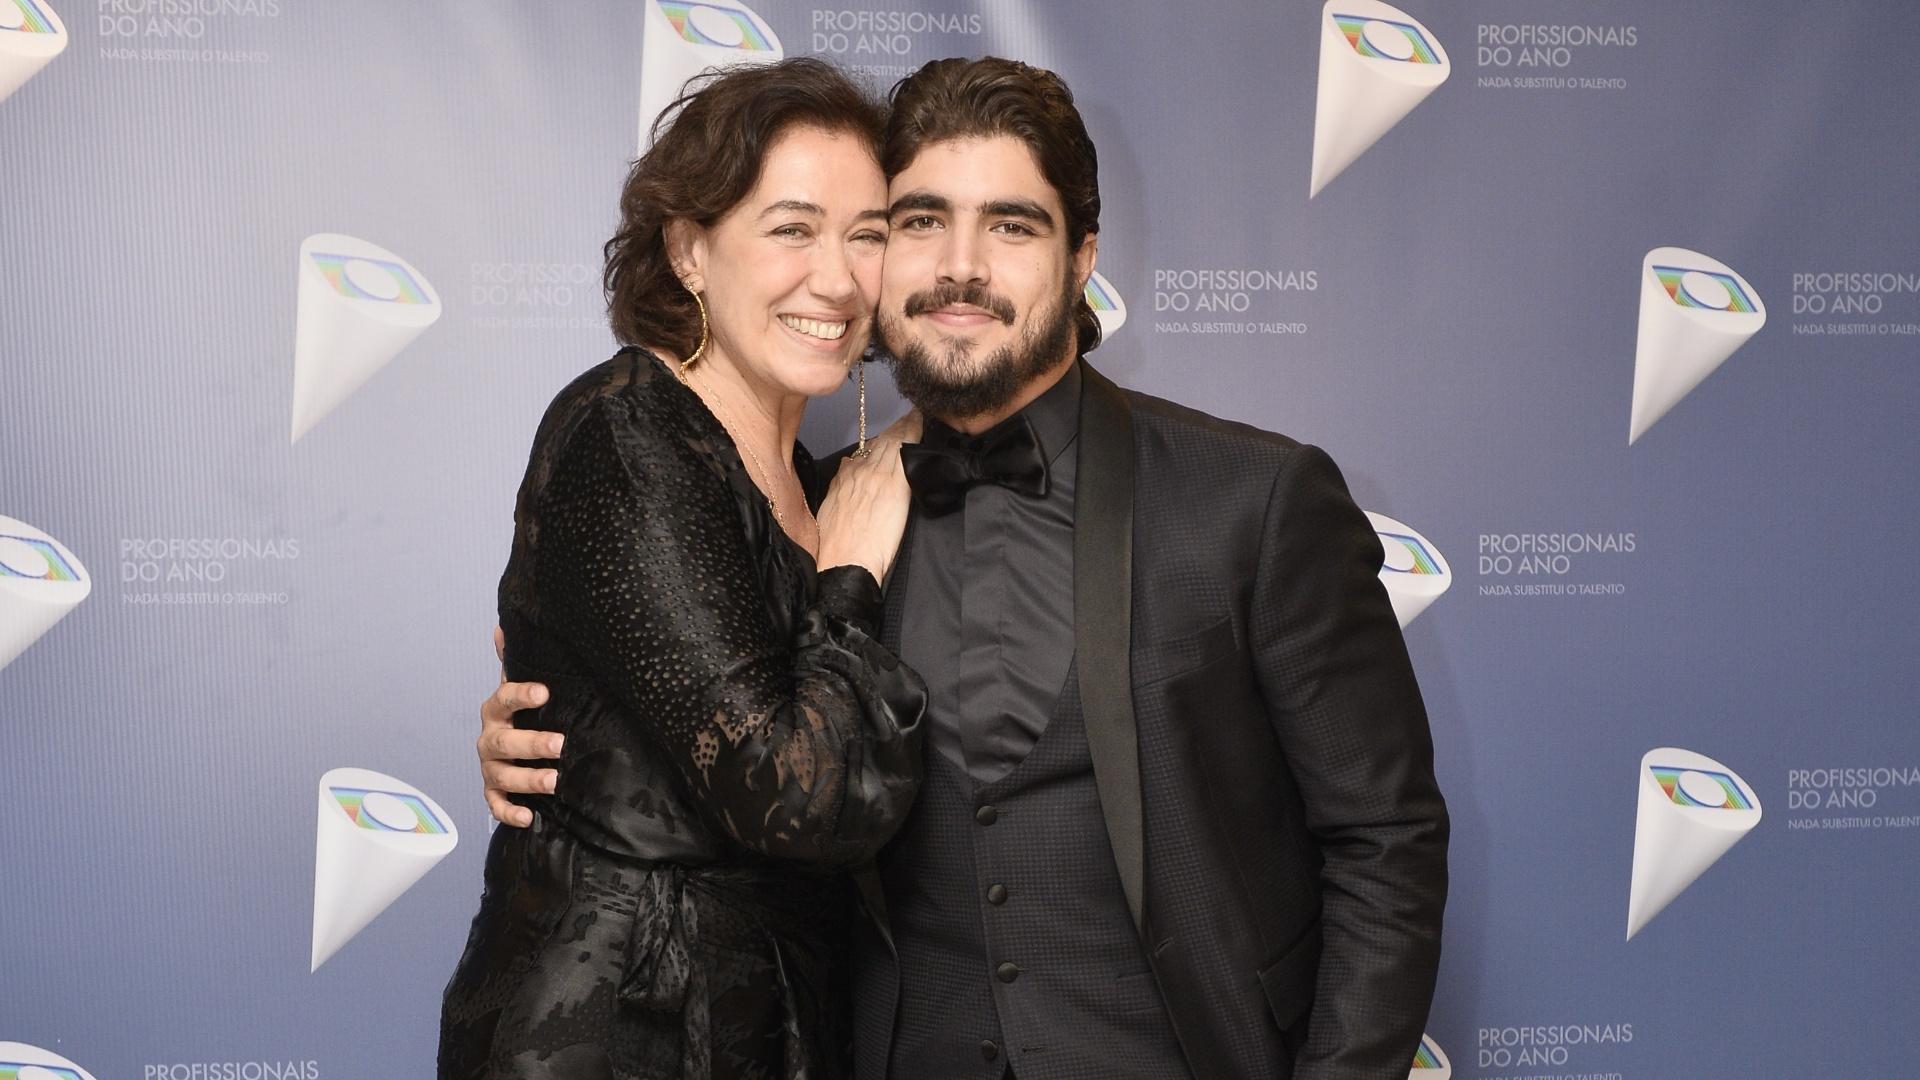 Lilia Cabral e Caio Castro no evento Profissionais do Ano